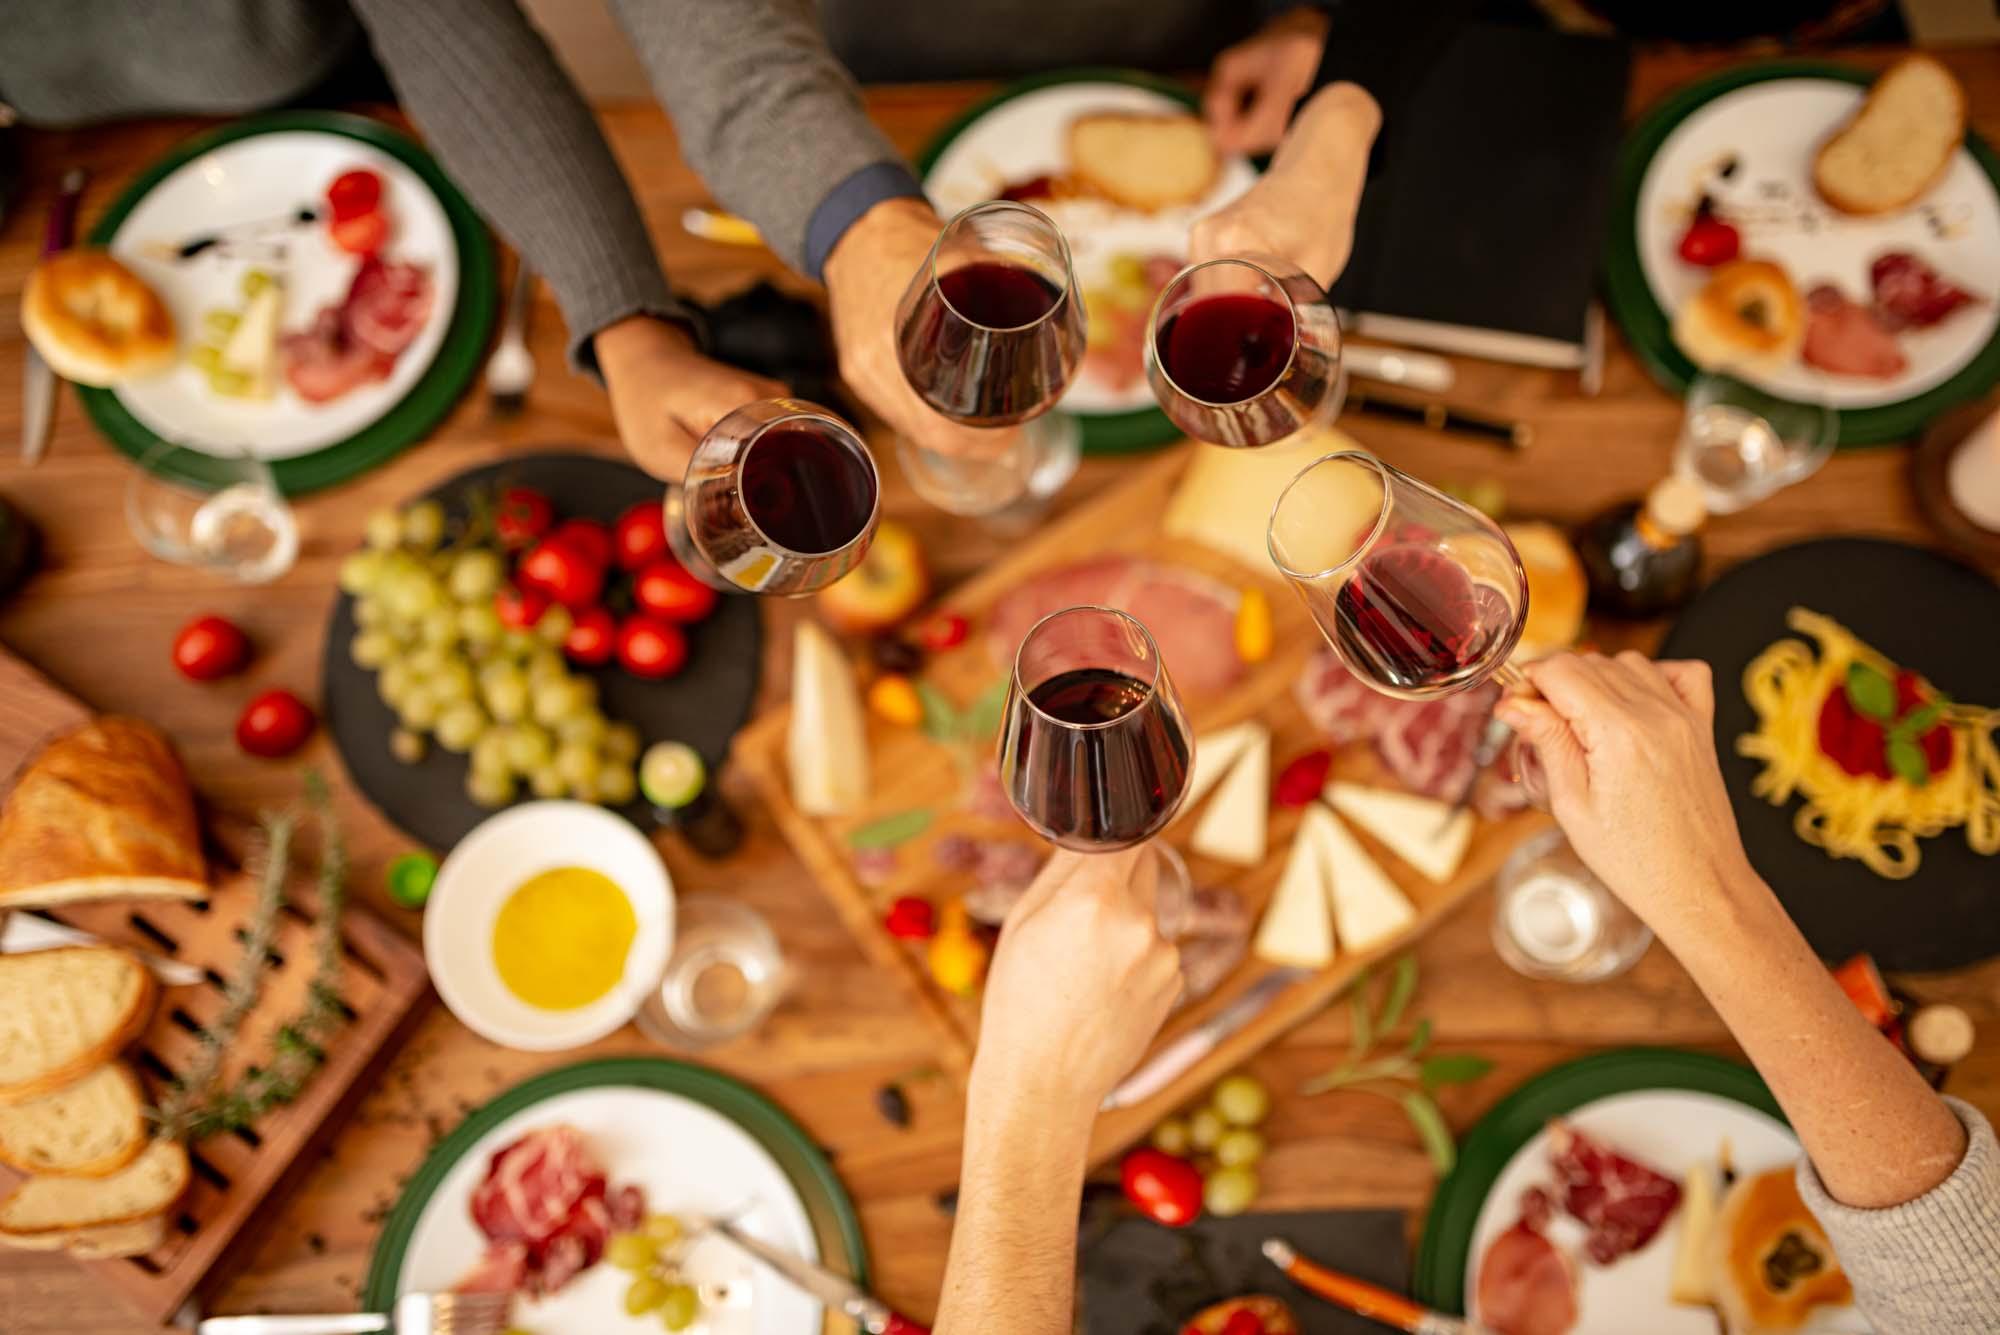 Cucina Amatoriale Formazione Manageriale a Venezia